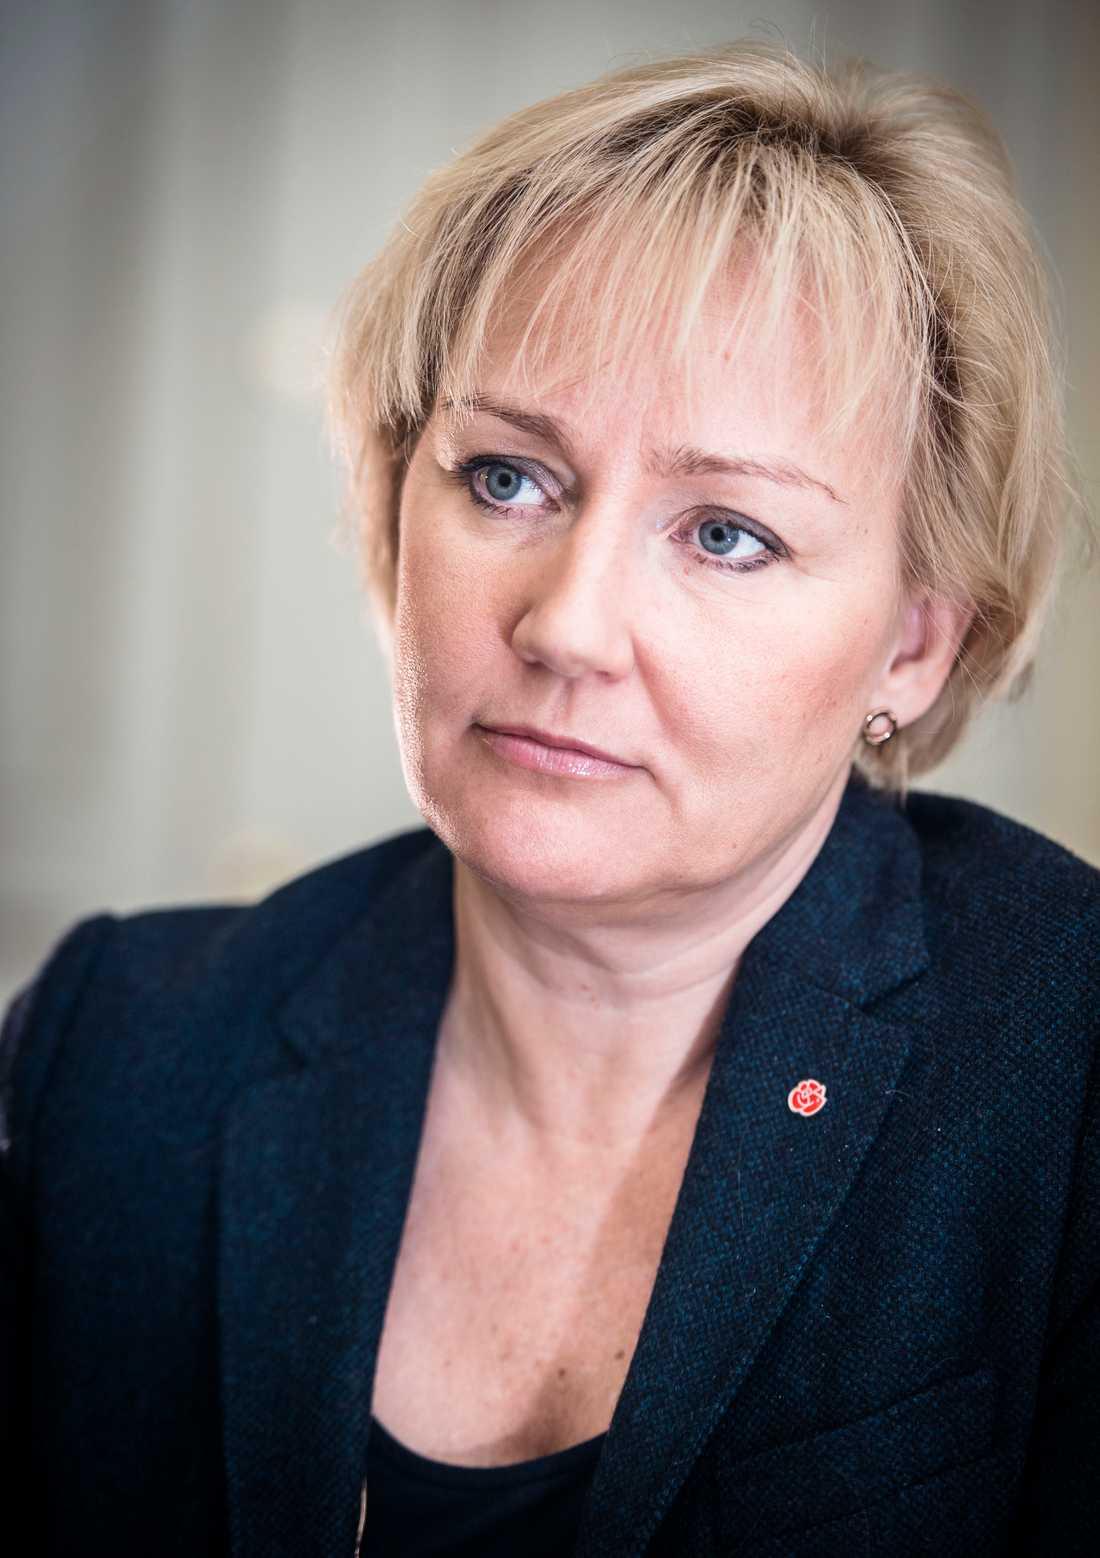 Helene Hellmark Knutsson var minister i den förra regeringen. I den nya regeringen som tillträdde i januari 2019 var hon ersatt.